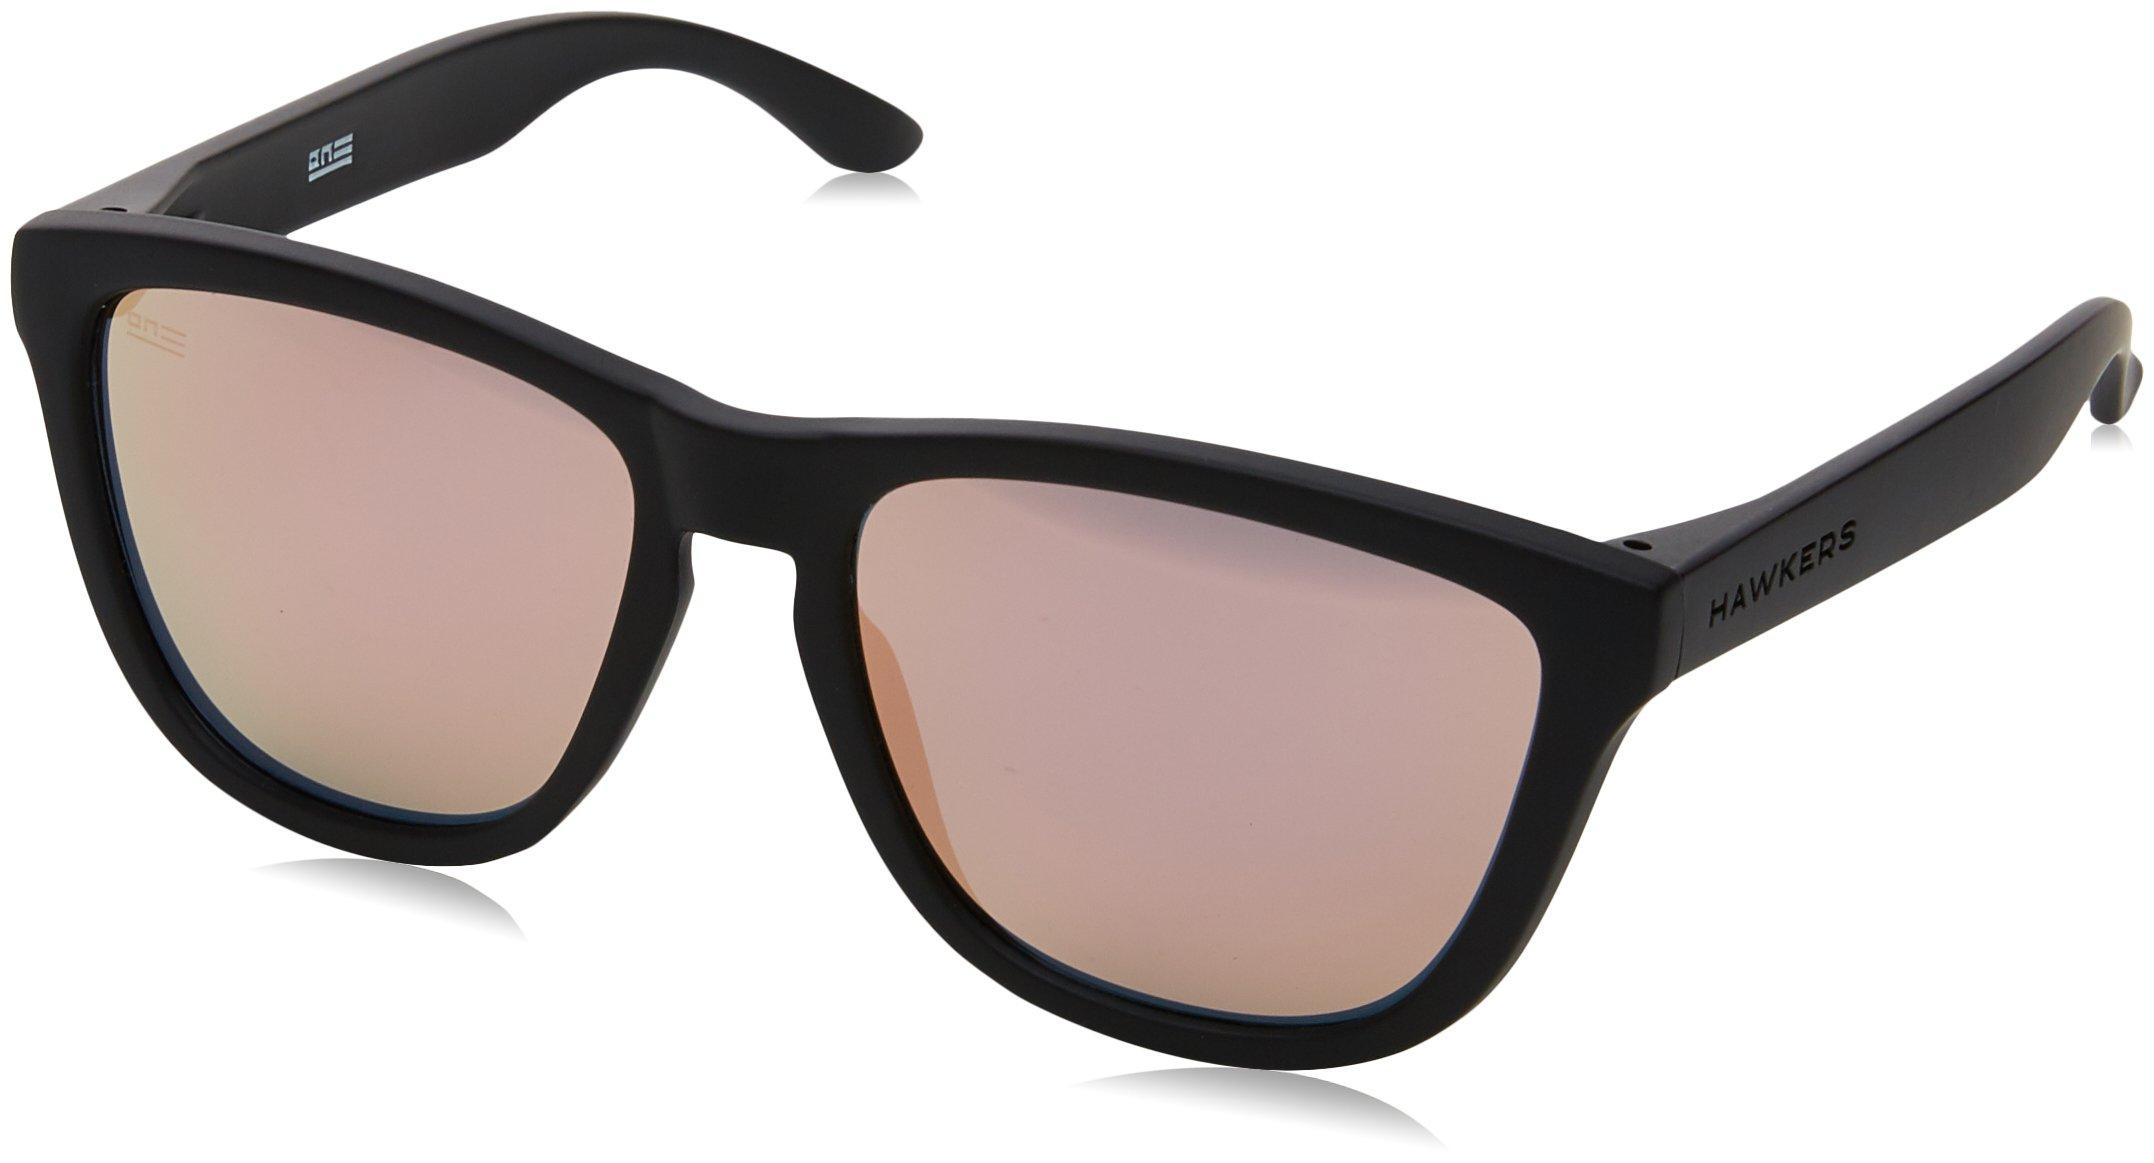 2acf3c4203 HAWKERS · ONE · Gafas de sol para hombre y mujer - Hombre Moderno